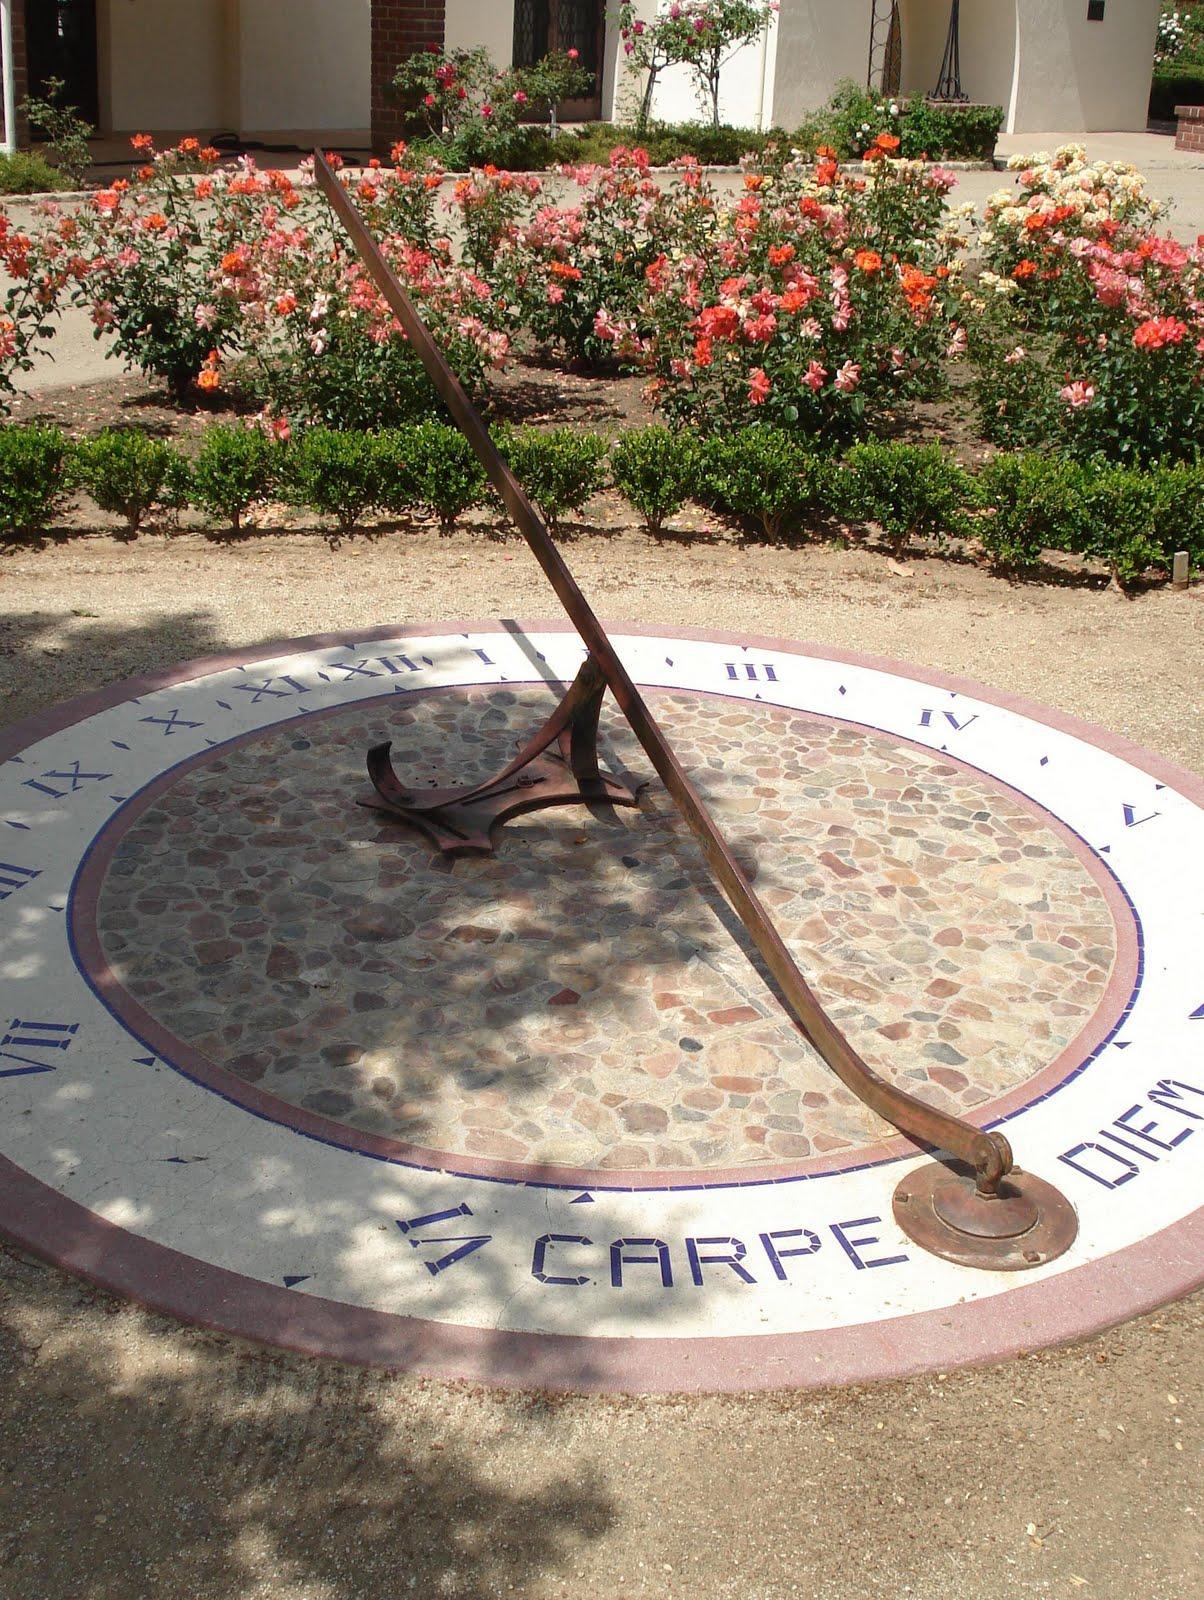 http://3.bp.blogspot.com/-skE-PH6kV5o/Tc9uC1SU1wI/AAAAAAAAIxY/pB5bUrkjmRA/s1600/Art+Sundial.jpg